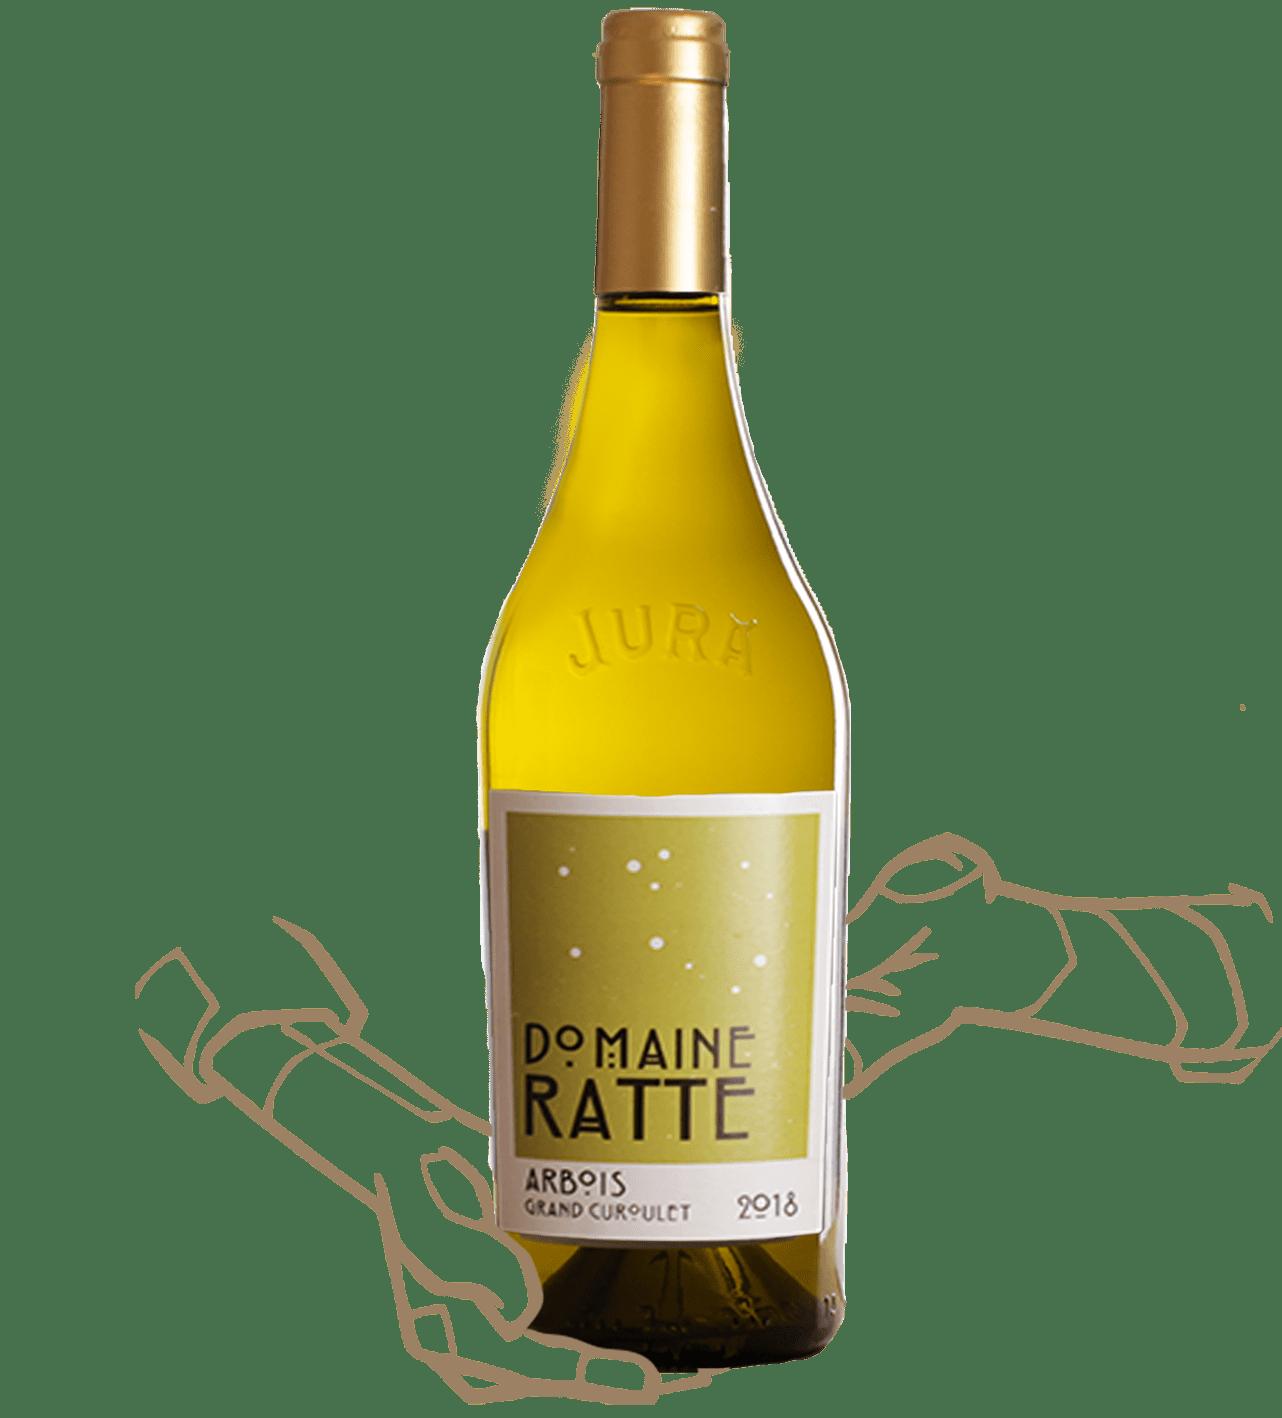 Grand curoulet du domaine de ratte est un vin naturel du Jura